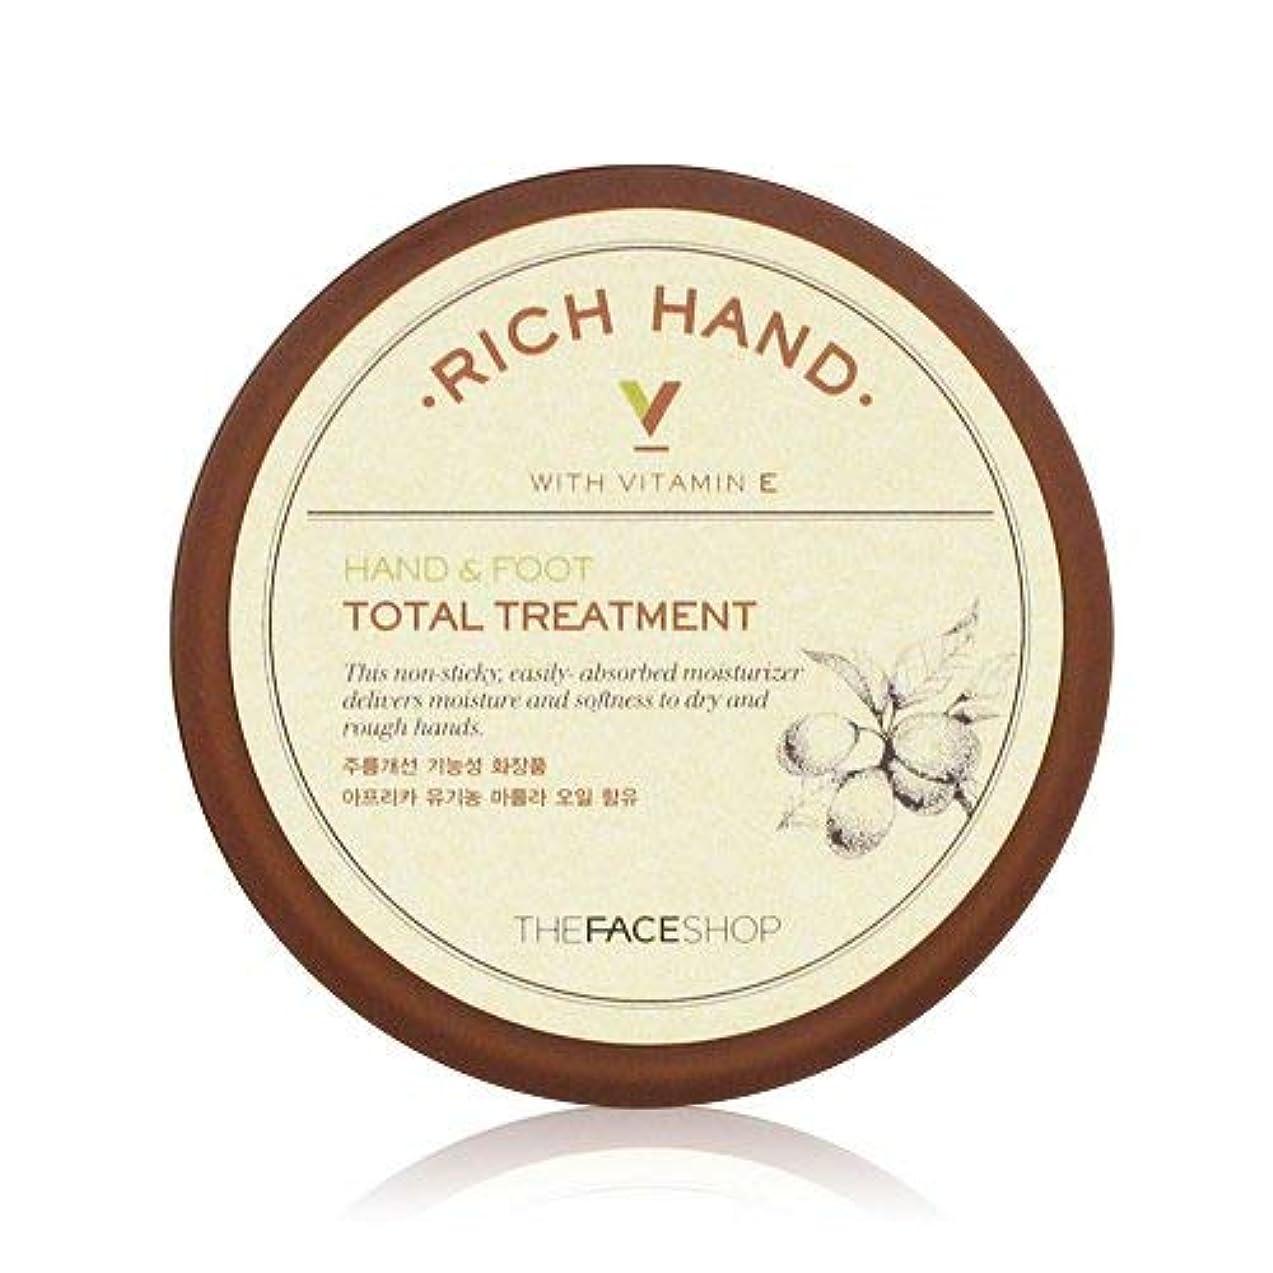 検出可能マオリ理容師THE FACE SHOP Rich Hand V Hand and Foot Total Treatment ザフェイスショップ リッチハンド V ハンド? フット トータルトリートメント [並行輸入品]